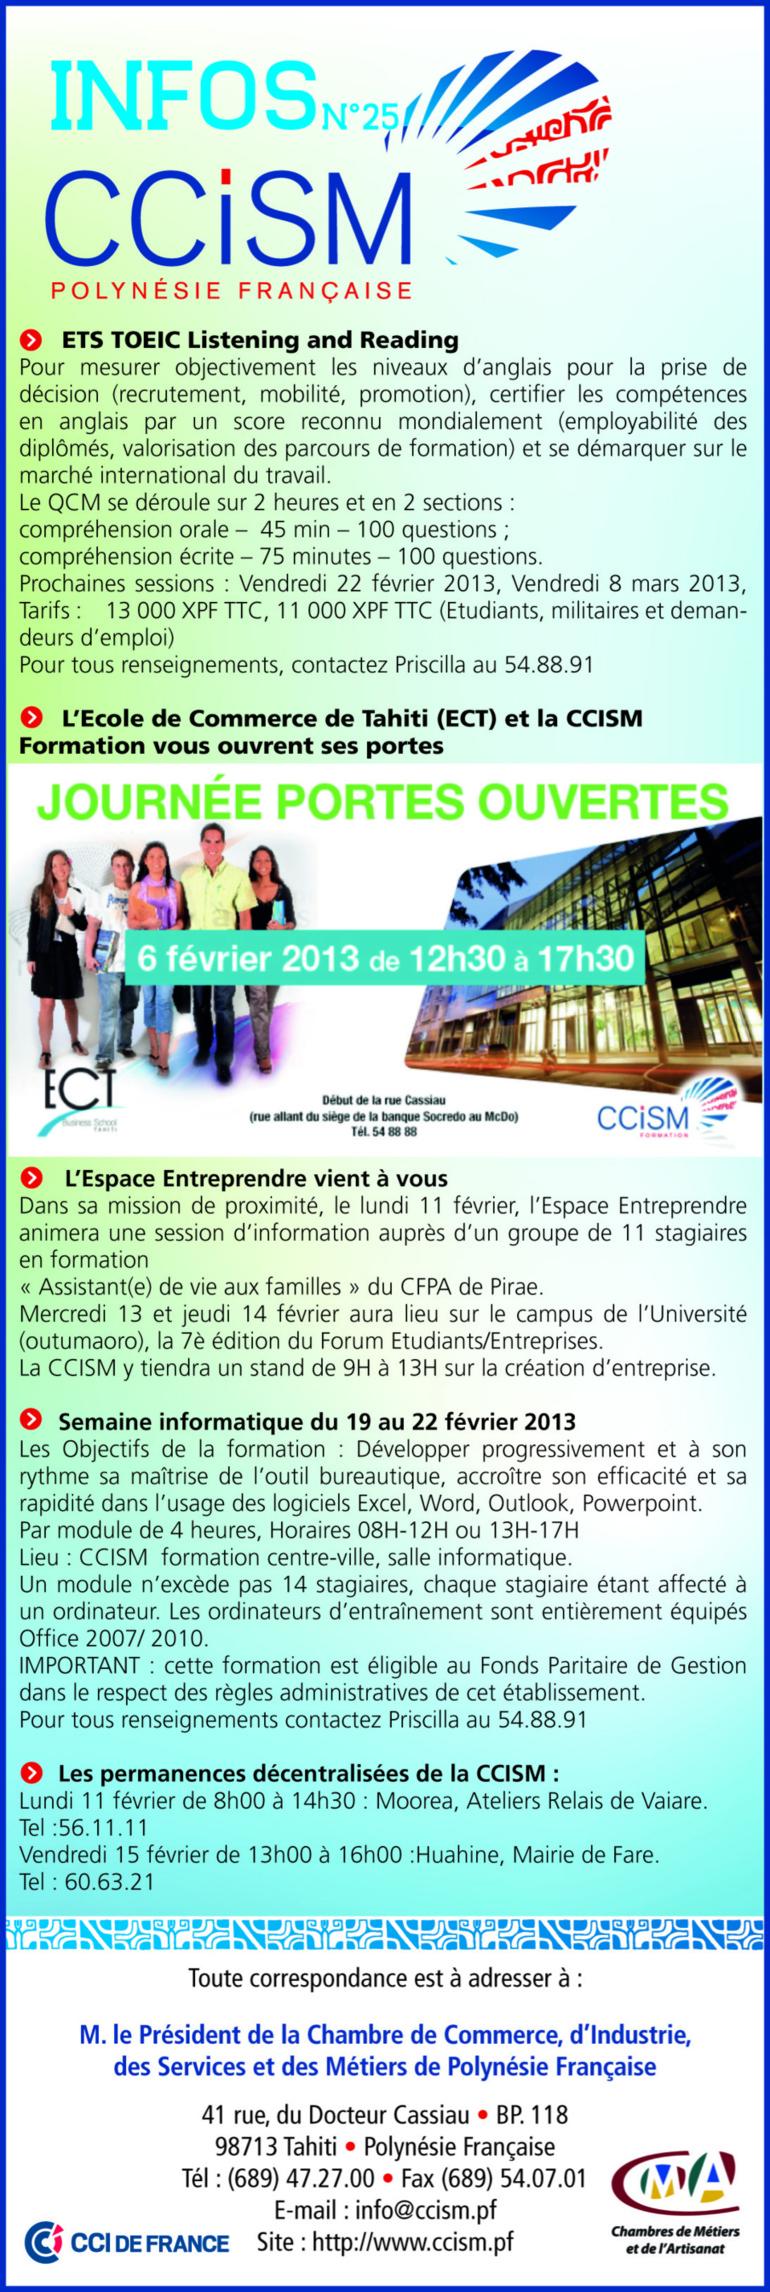 Infos CCISM N°25